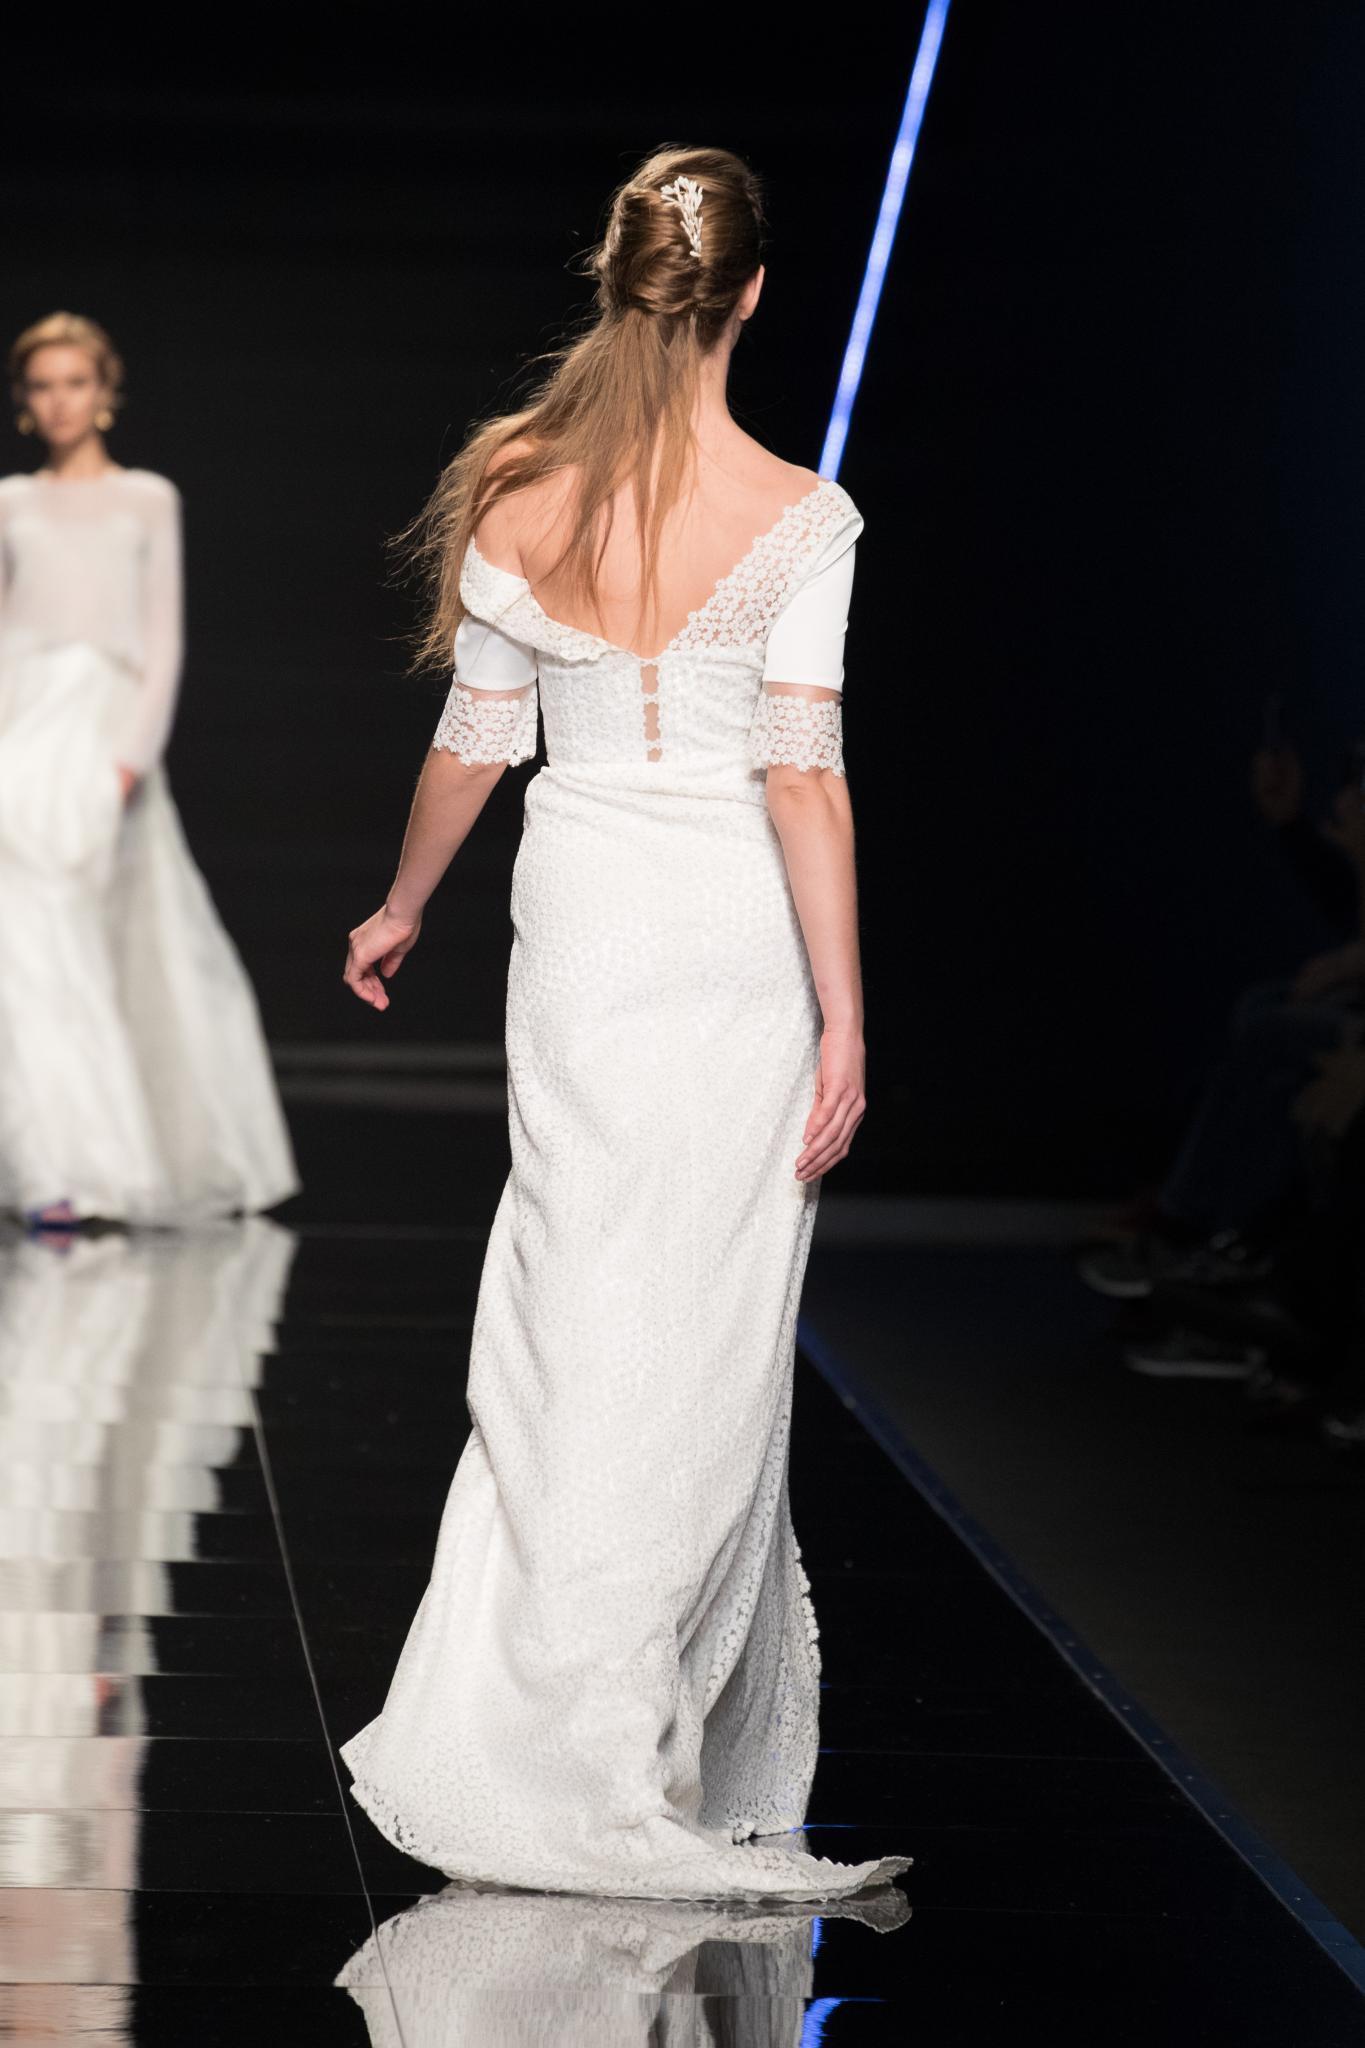 Vista de atrás de cabellera castaña clara, peinado semi recogido con aplique blanco (parece una novia)